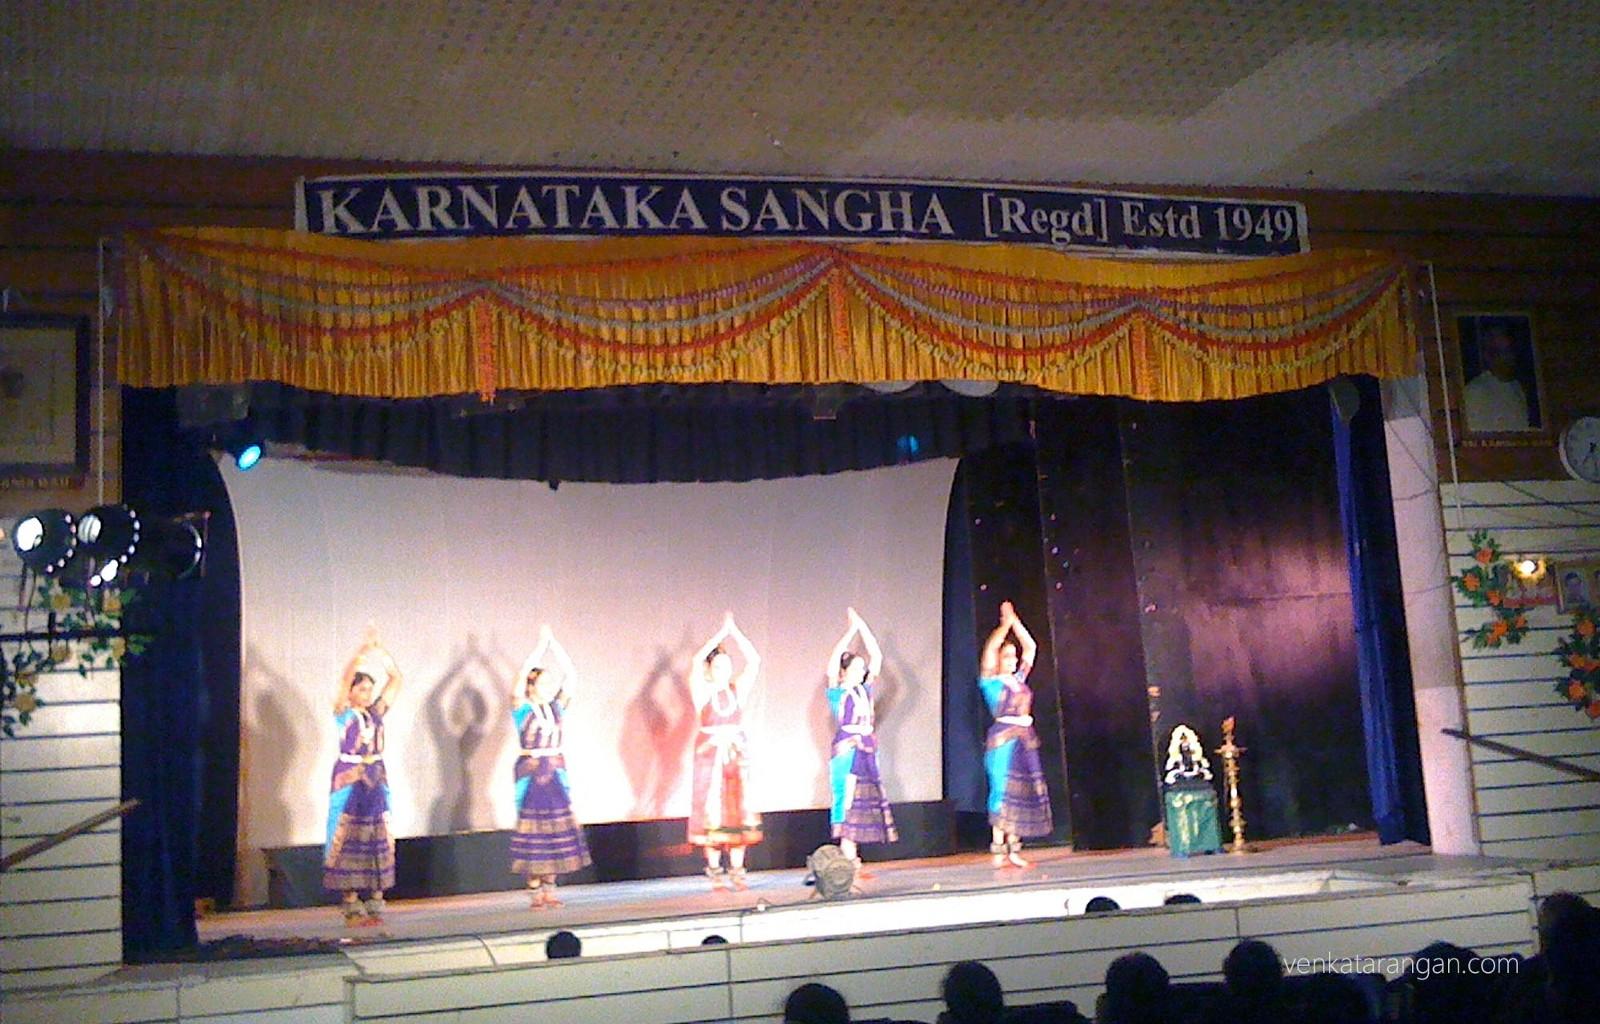 Siva Swaroopa Thandava Lahari - Dance Ballet